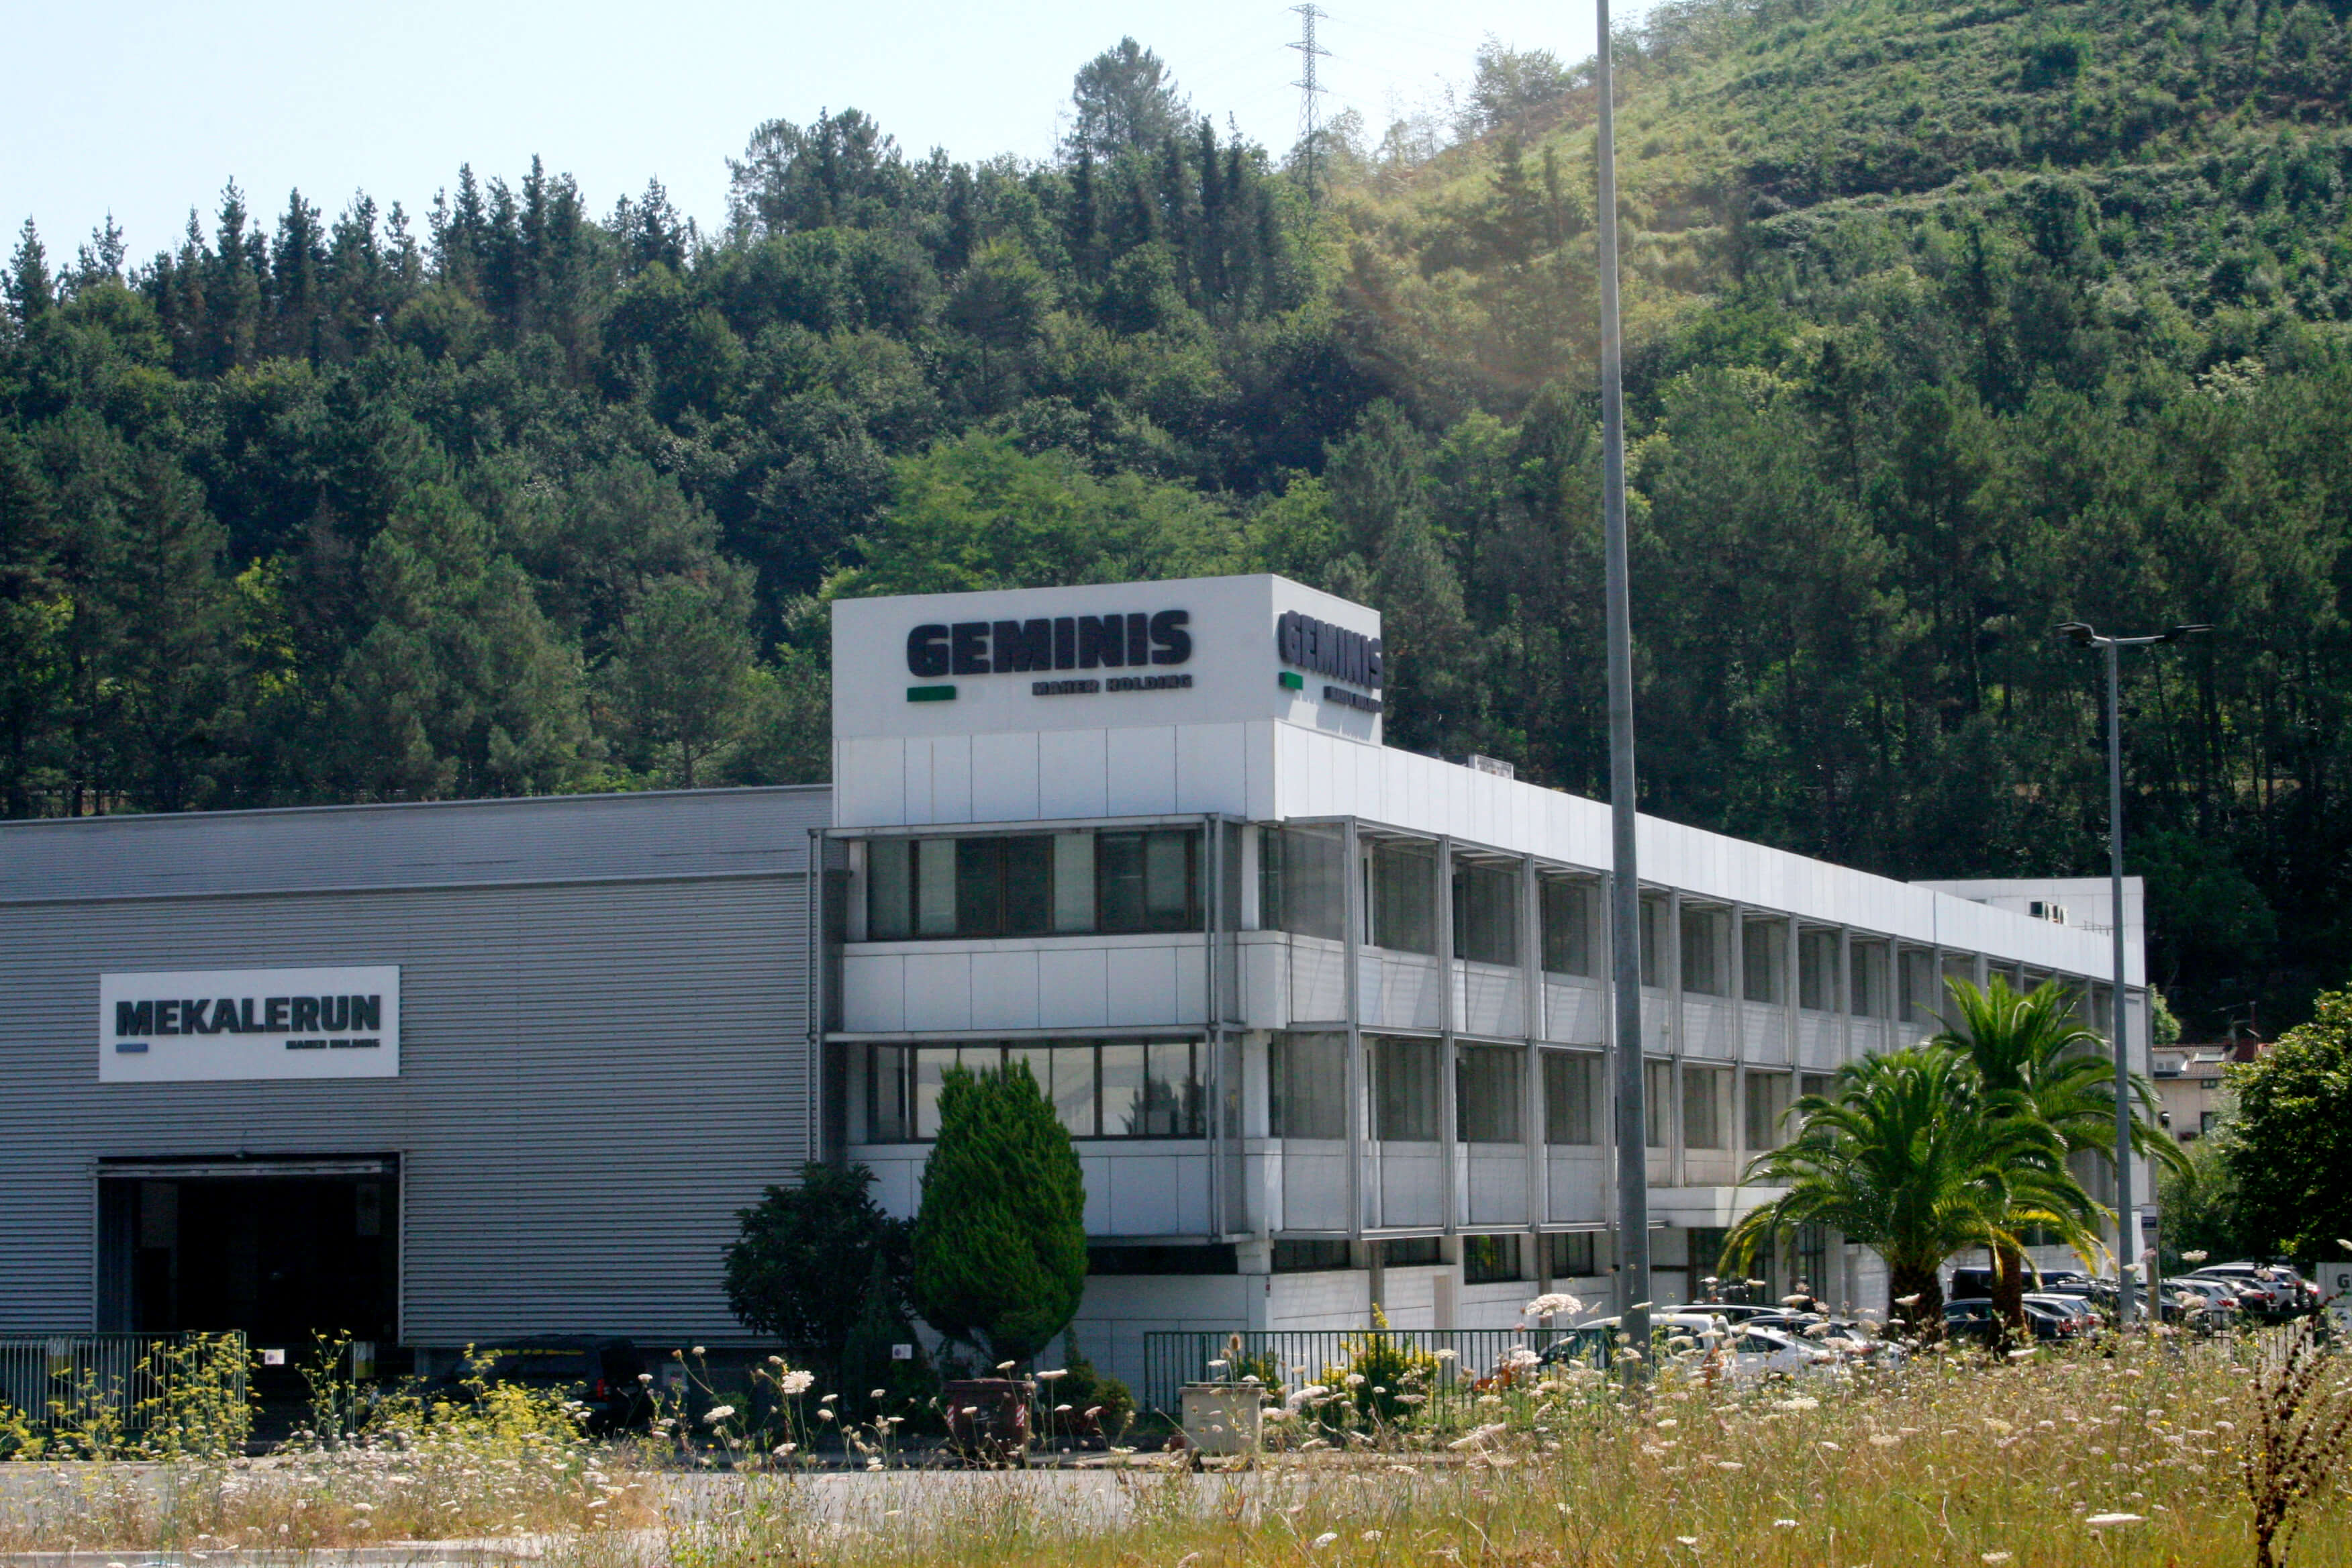 Vista exterior edificio - Geminis Lathes